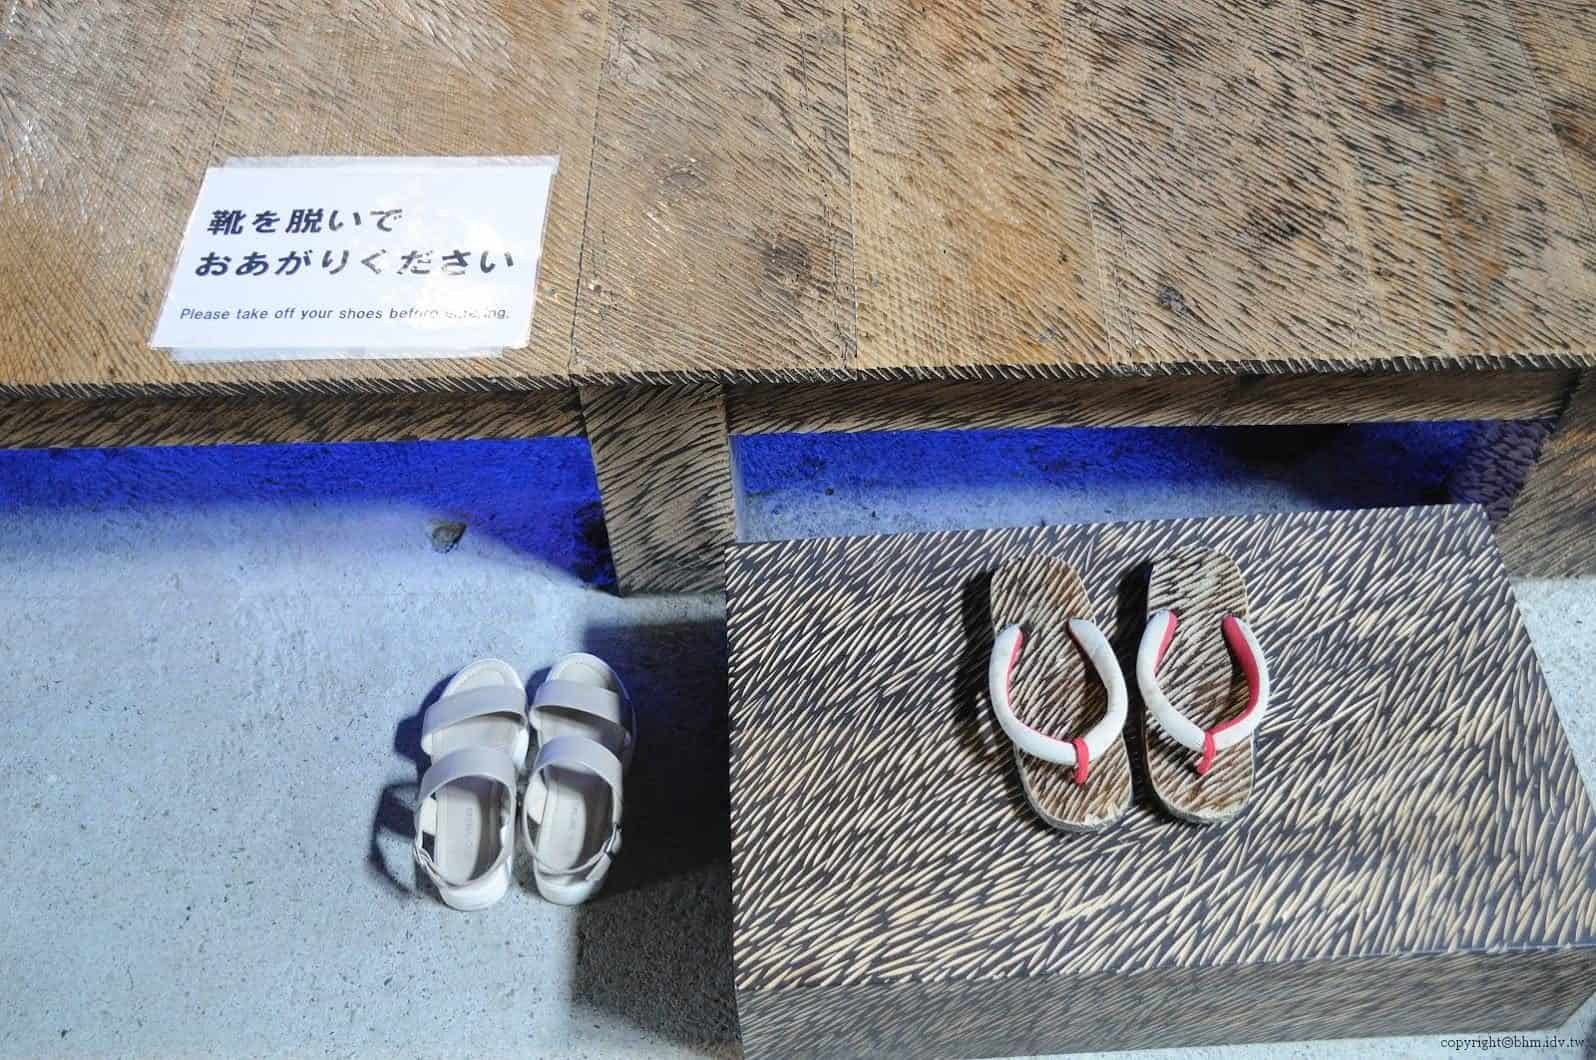 鞍掛純一+日本藝術大學雕刻組志工,脫皮之家,細節也不馬虎,提供更換的是內木鞋,也同樣經過「脫皮」 脫皮之家 脫皮之家 sheding house 06 0x0